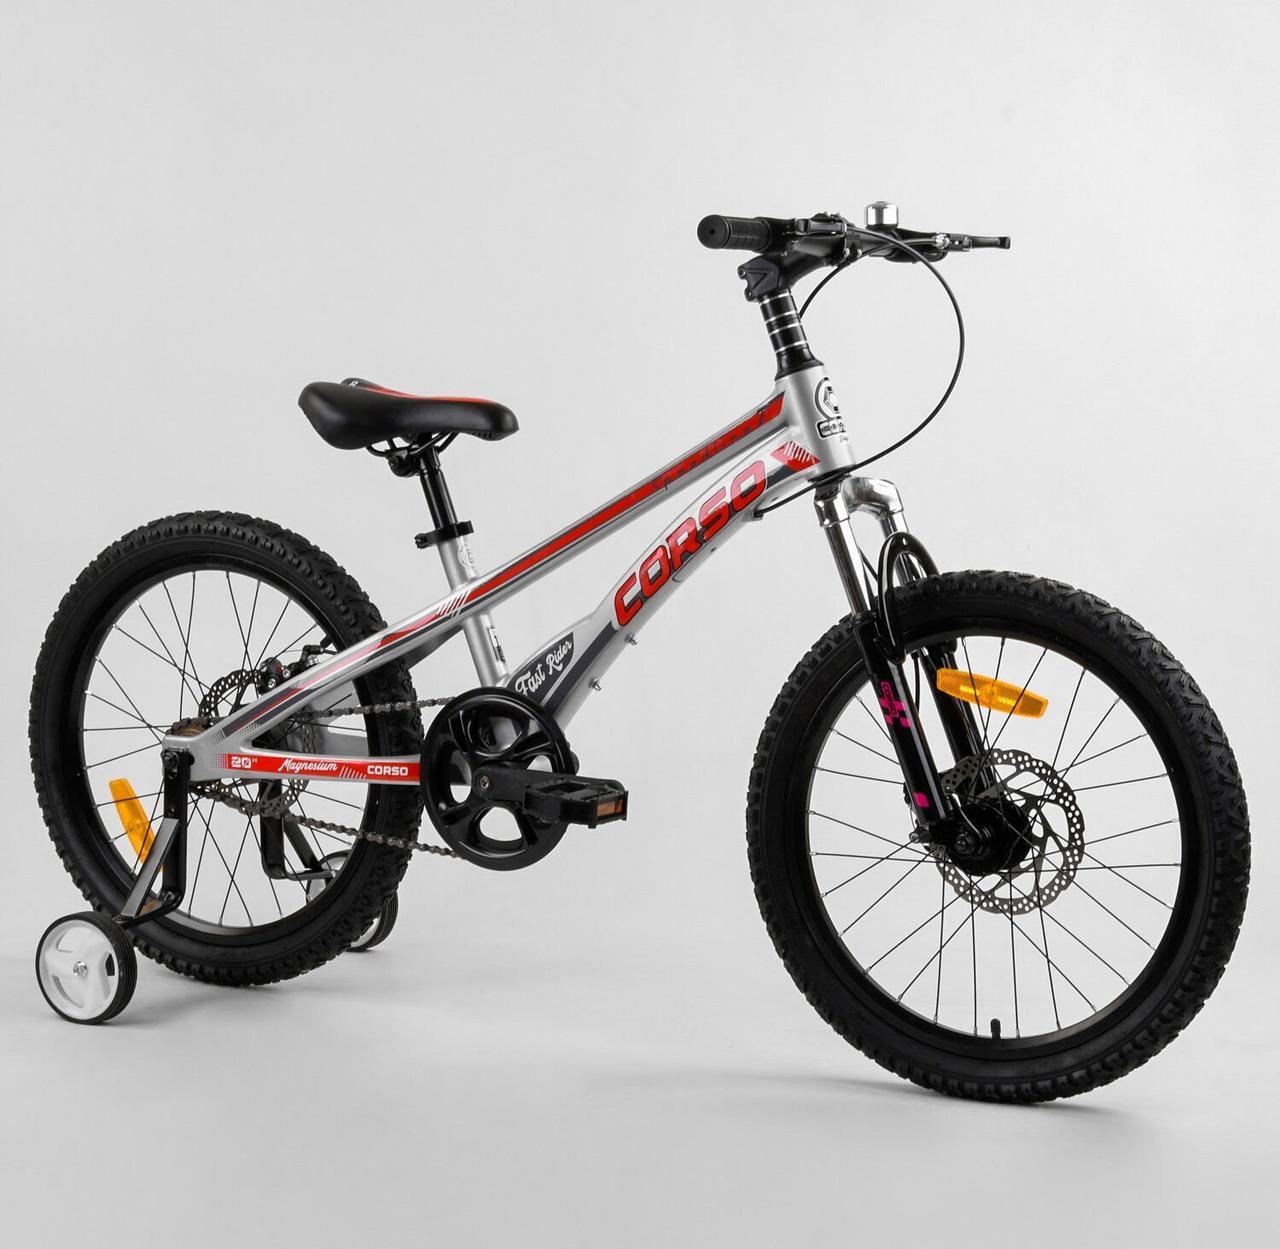 Двоколісний велосипед для дітей з додатковими колесами, ручним гальмом CORSO «Speedline» MG-14977, сірий